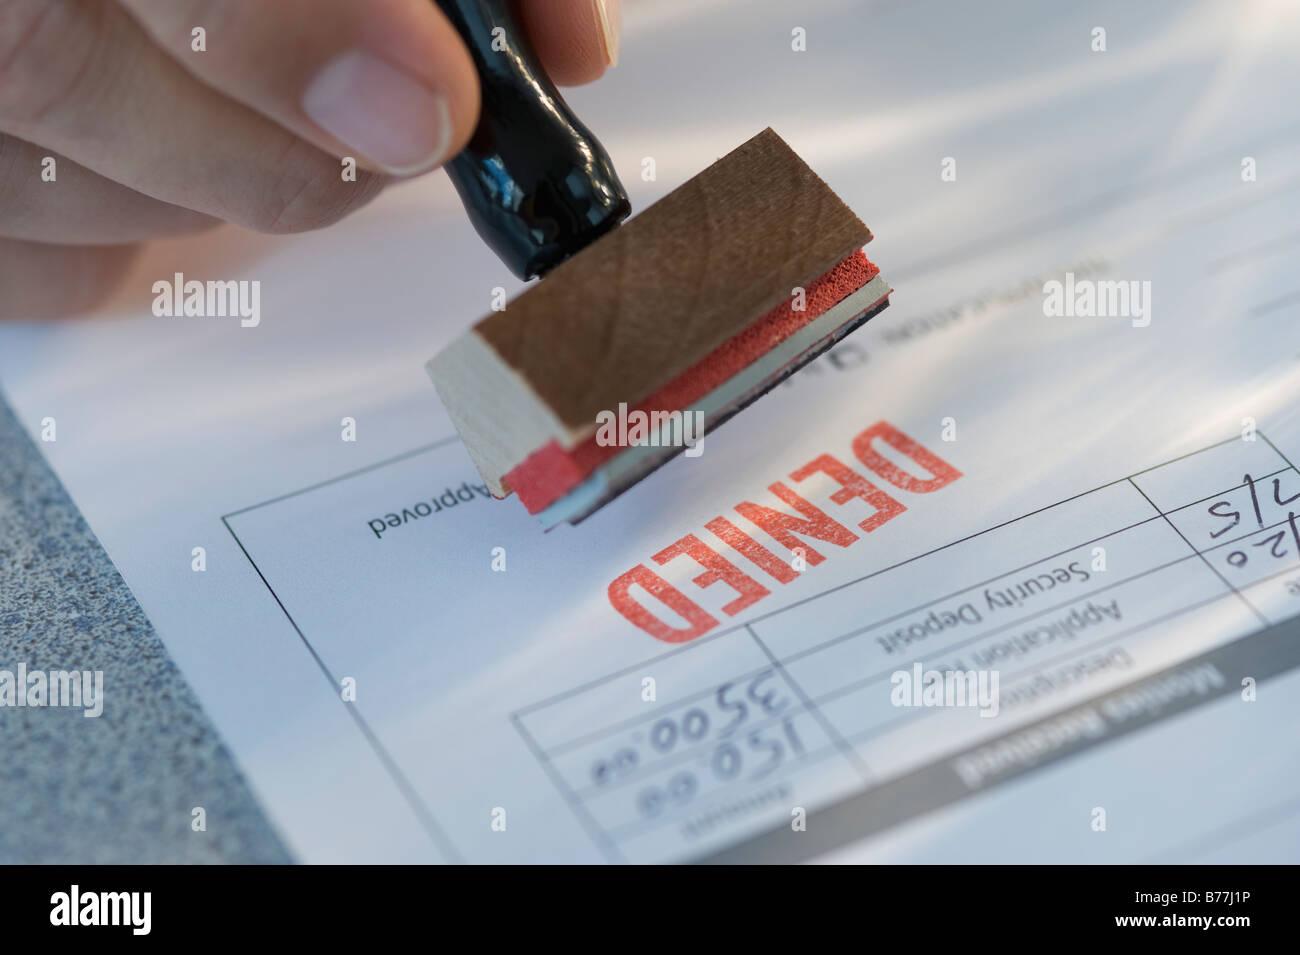 """La timbratura uomo """"negato"""" sulla domanda di credito ipotecario Immagini Stock"""